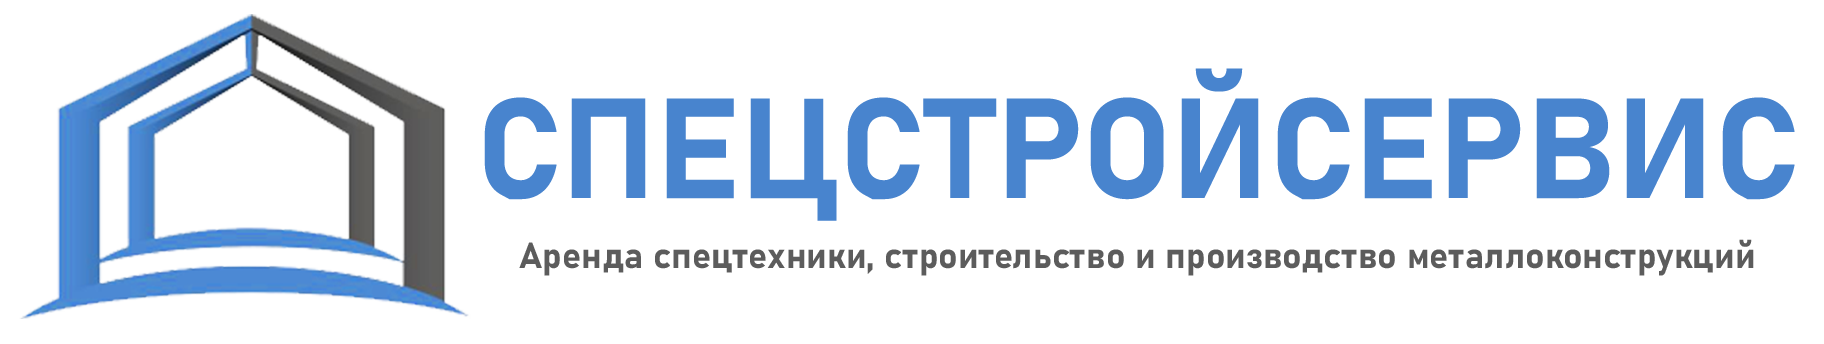 ООО «Спецстройсервис»